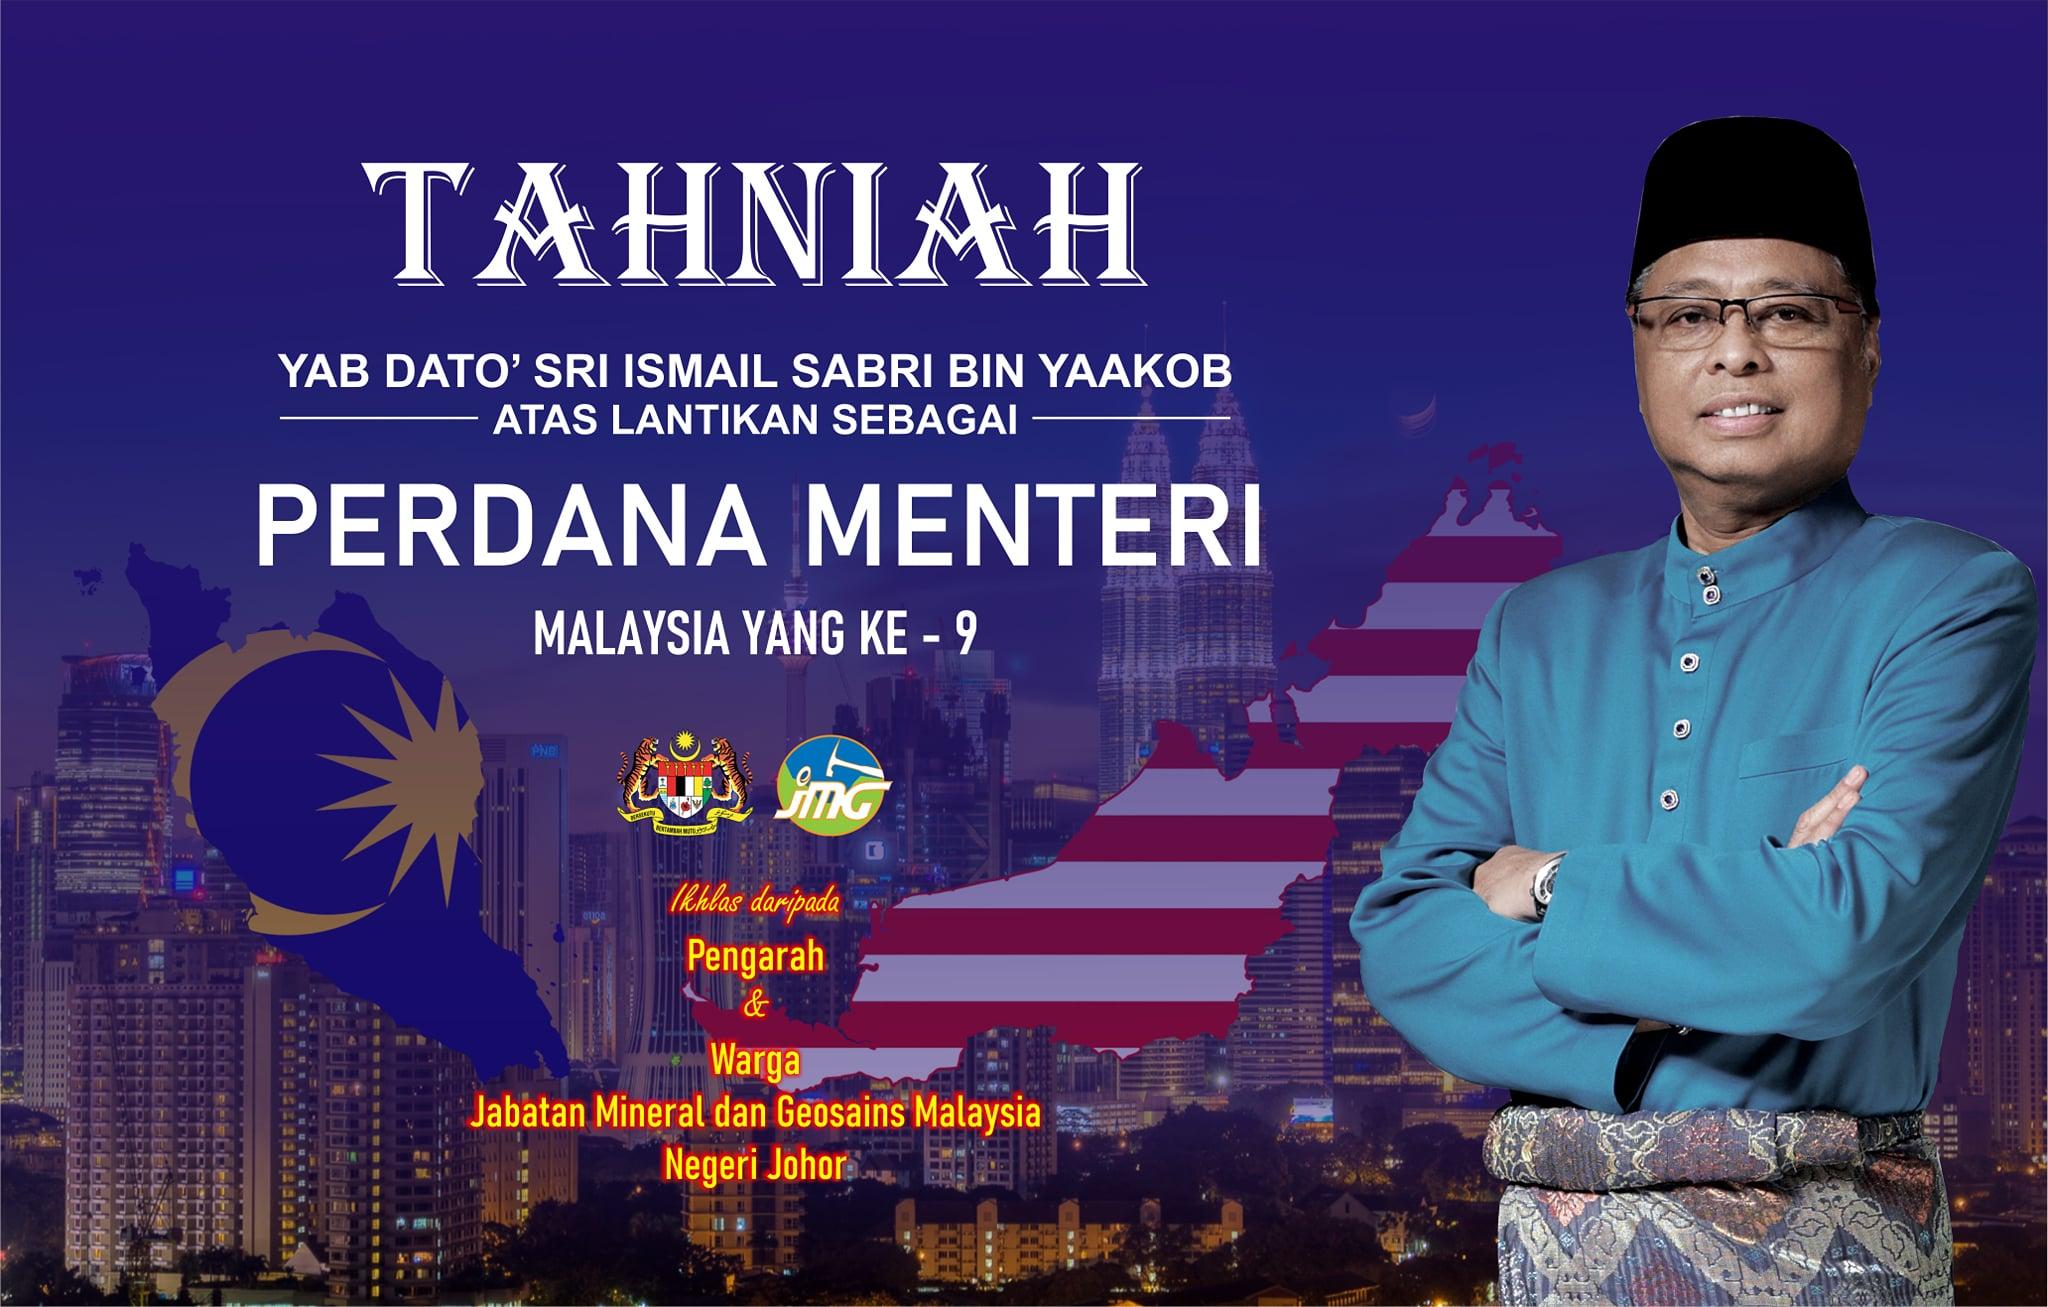 TAHNIAH YAB DATO' SRI ISMAIL SABRI BIN YAAKOB ATAS LANTIKAN SEBAGAI PERDANA MENTERI MALAYSIA KE-9